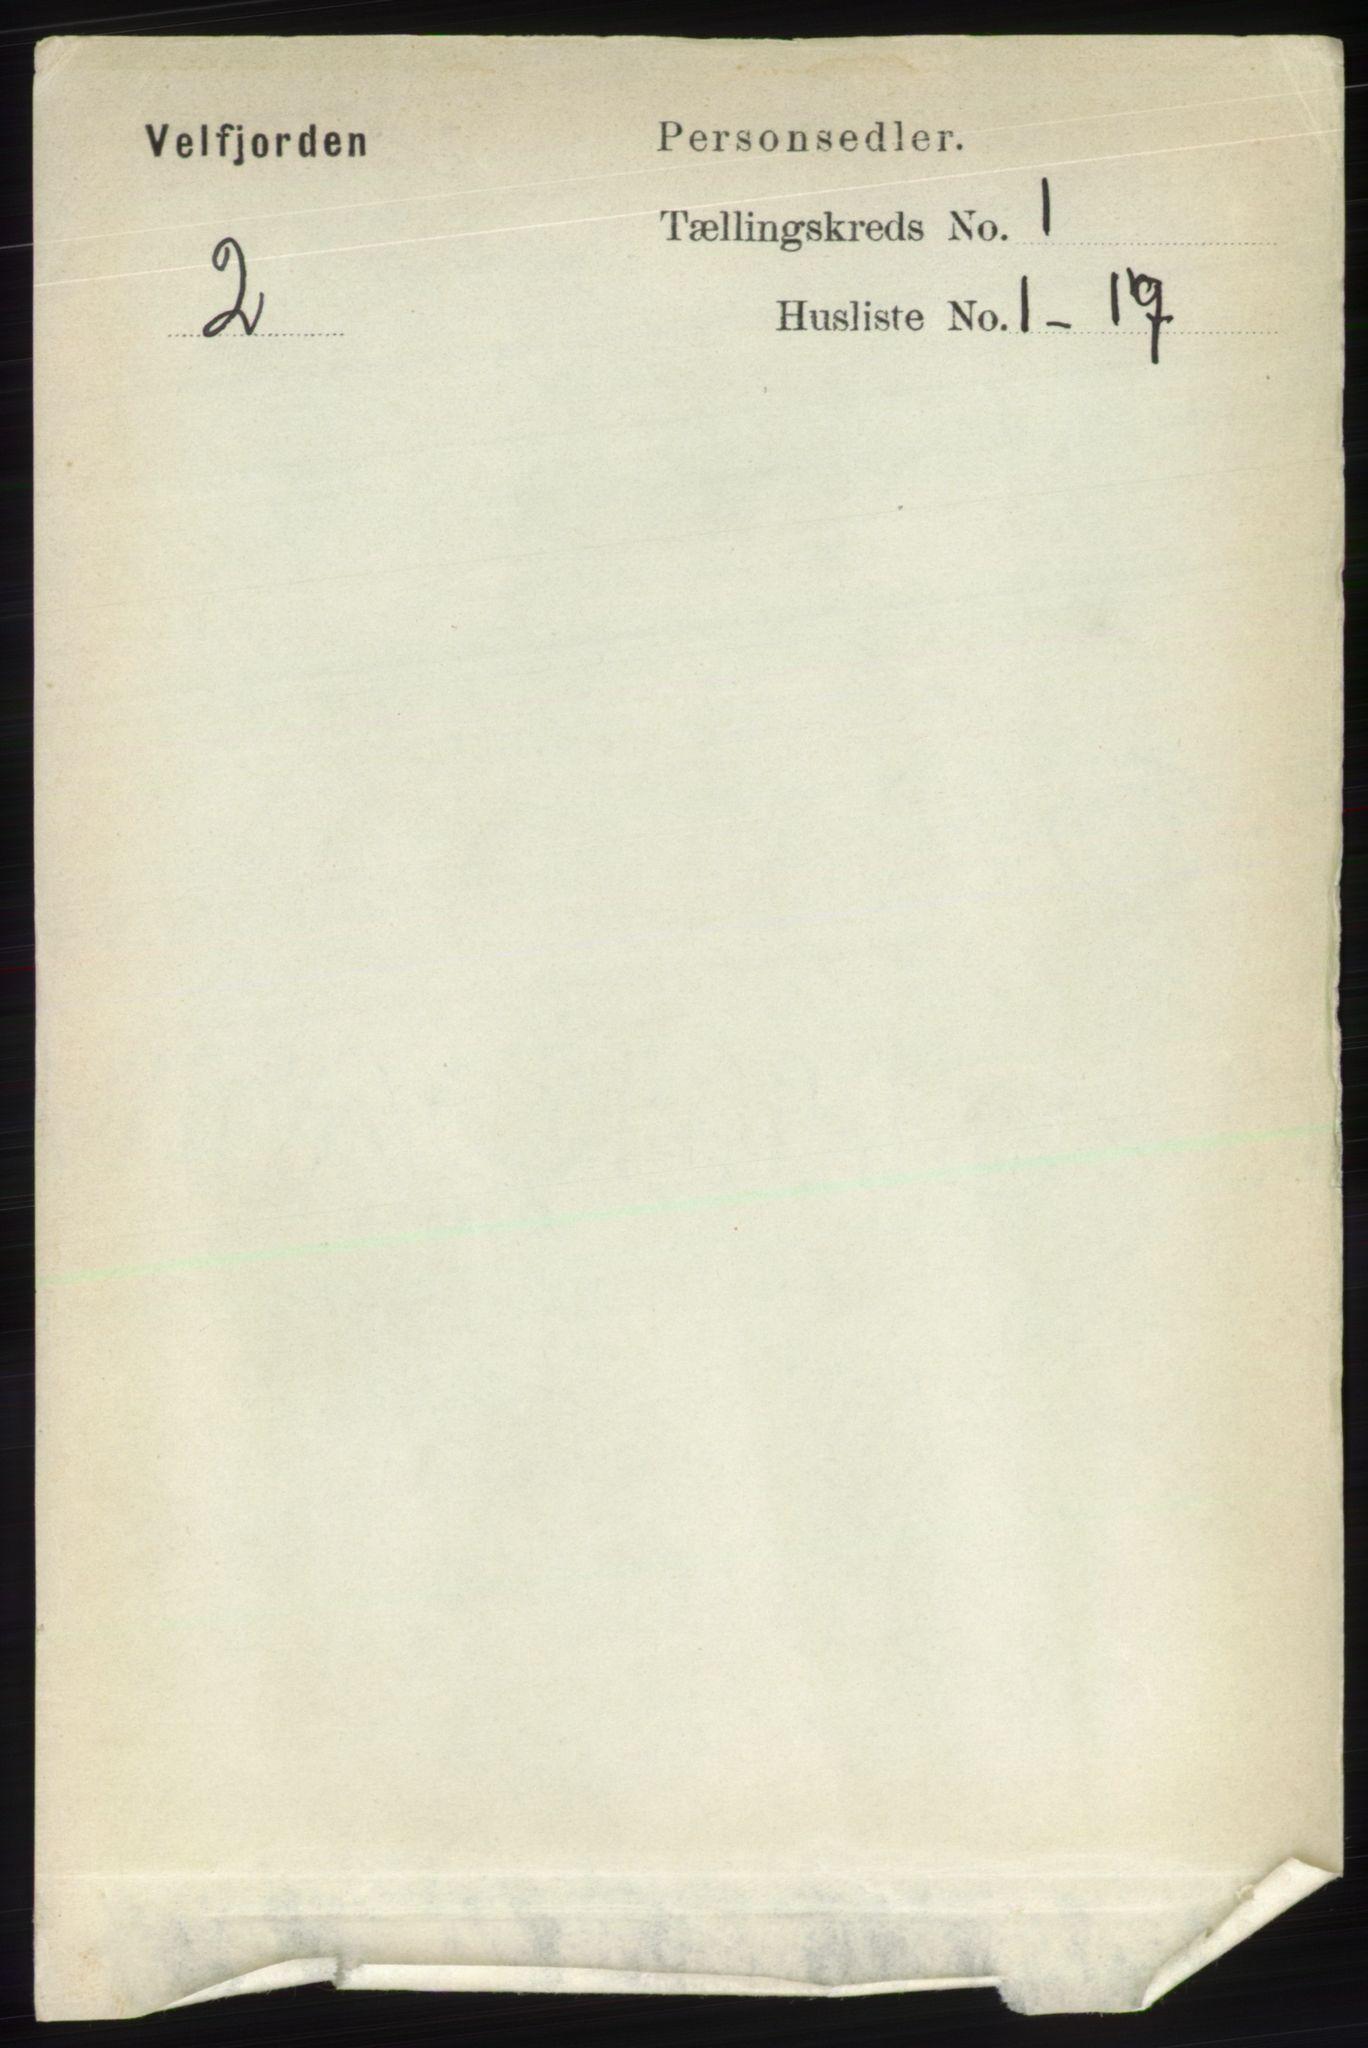 RA, Folketelling 1891 for 1813 Velfjord herred, 1891, s. 72